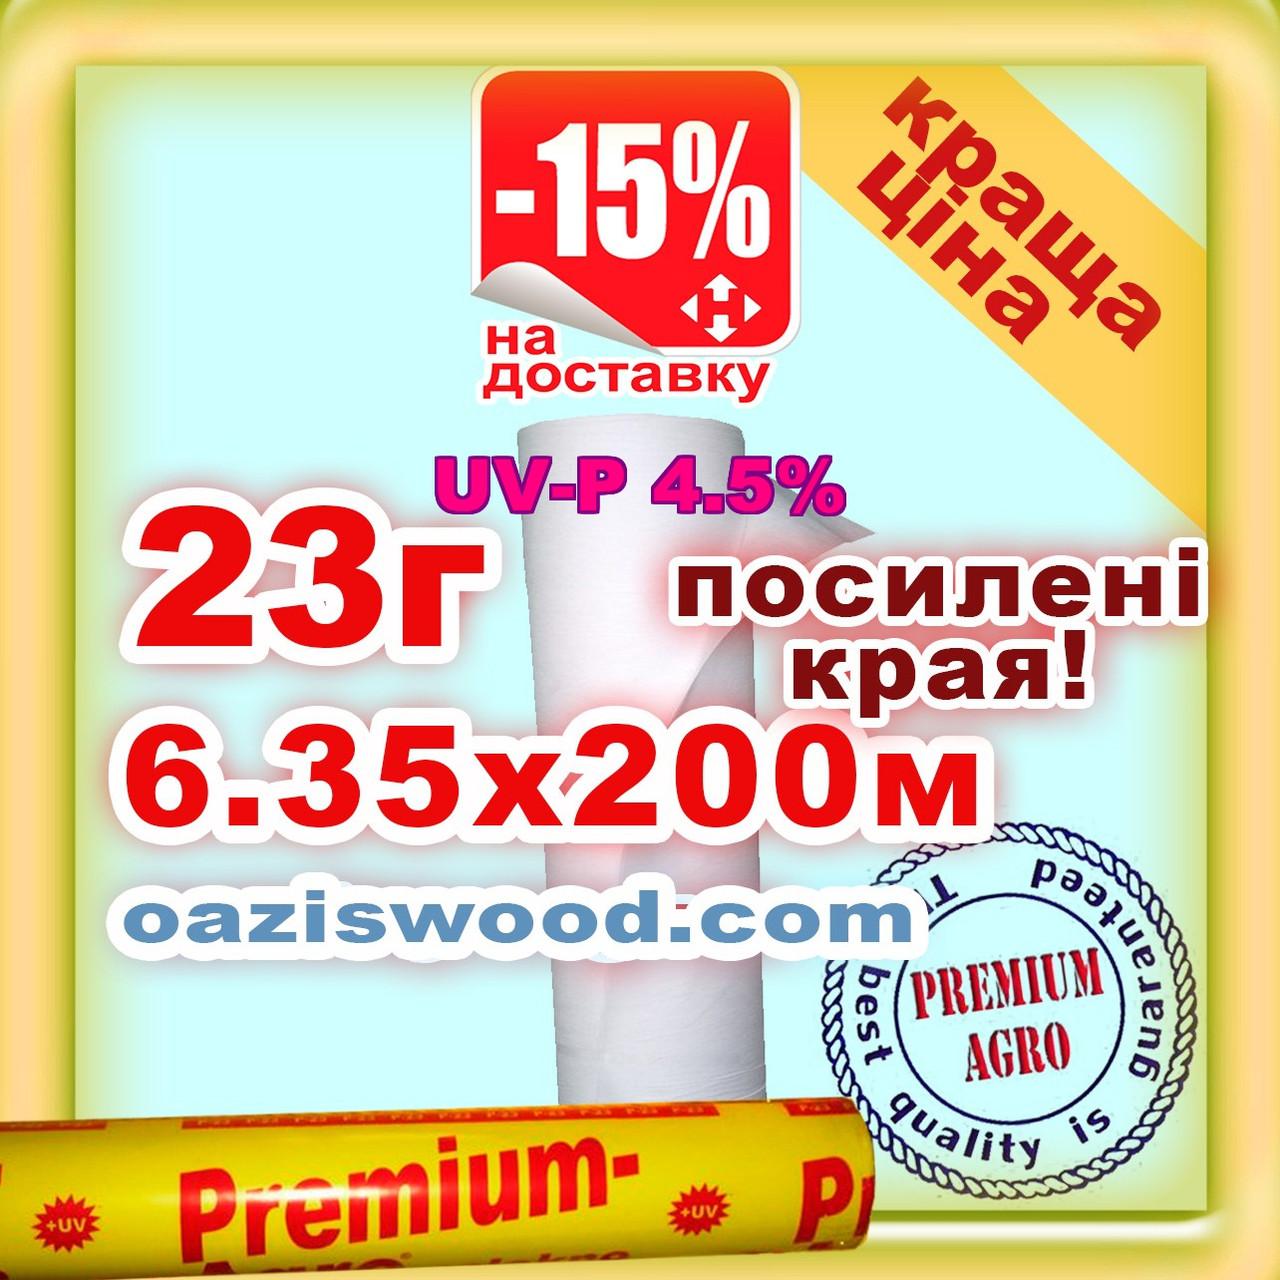 Агроволокно р-23g 6.35*200м белое UV-P 4.5% Premium-Agro Польша усиленные края